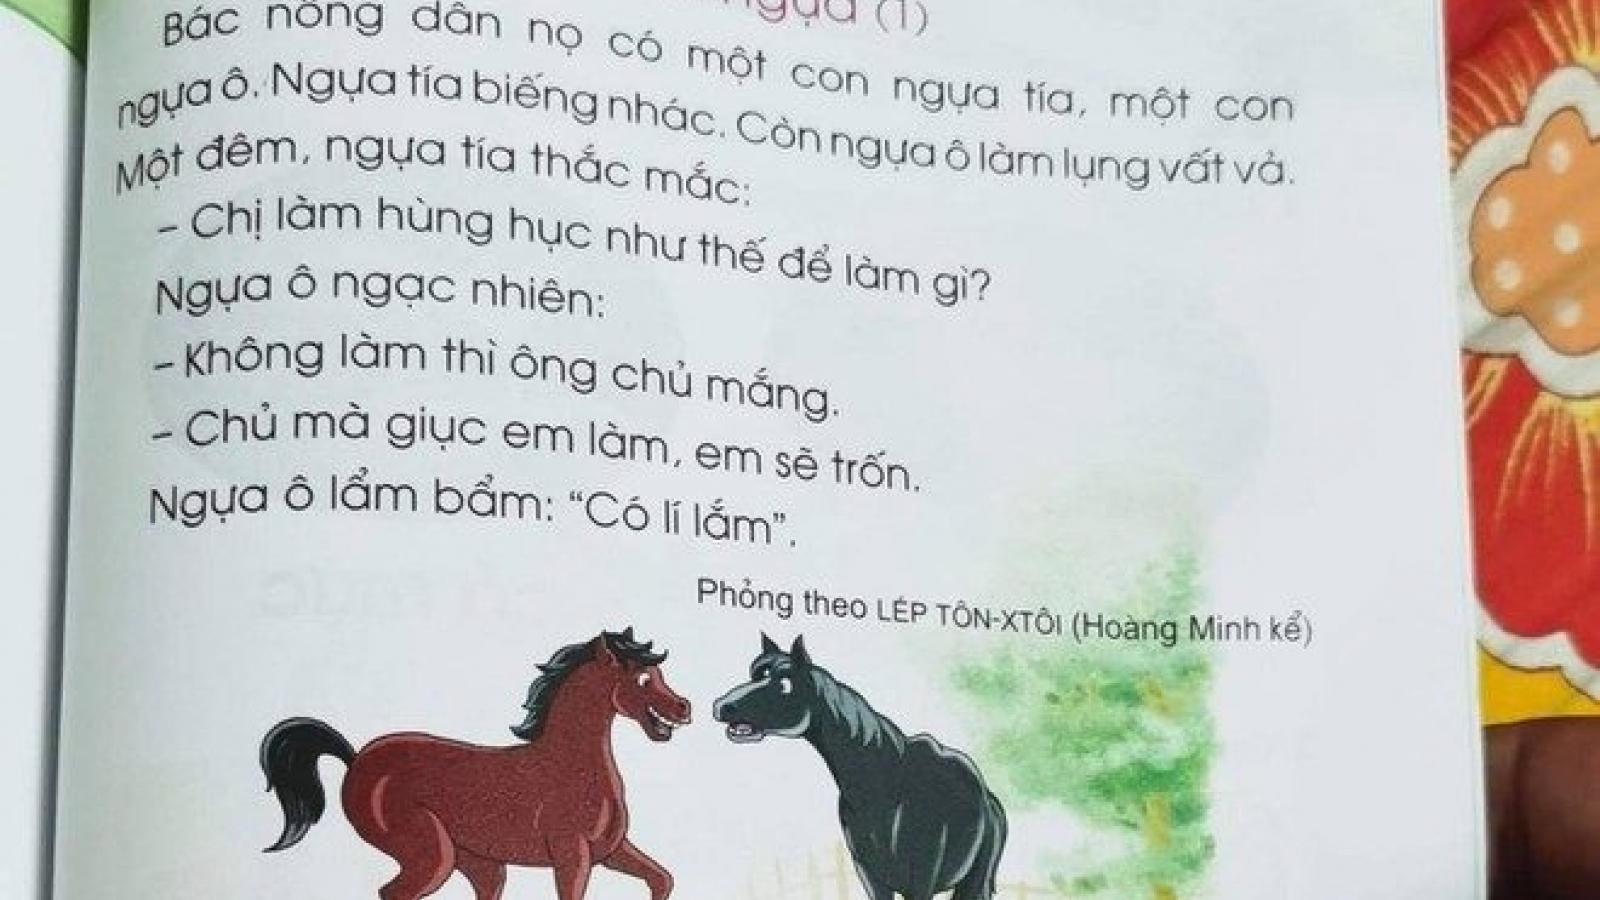 """Bài """"Hai con ngựa"""" trong SGK lớp 1: Trò có tiếp thu được và đúng """"ý nghĩa"""" câu chuyện?"""